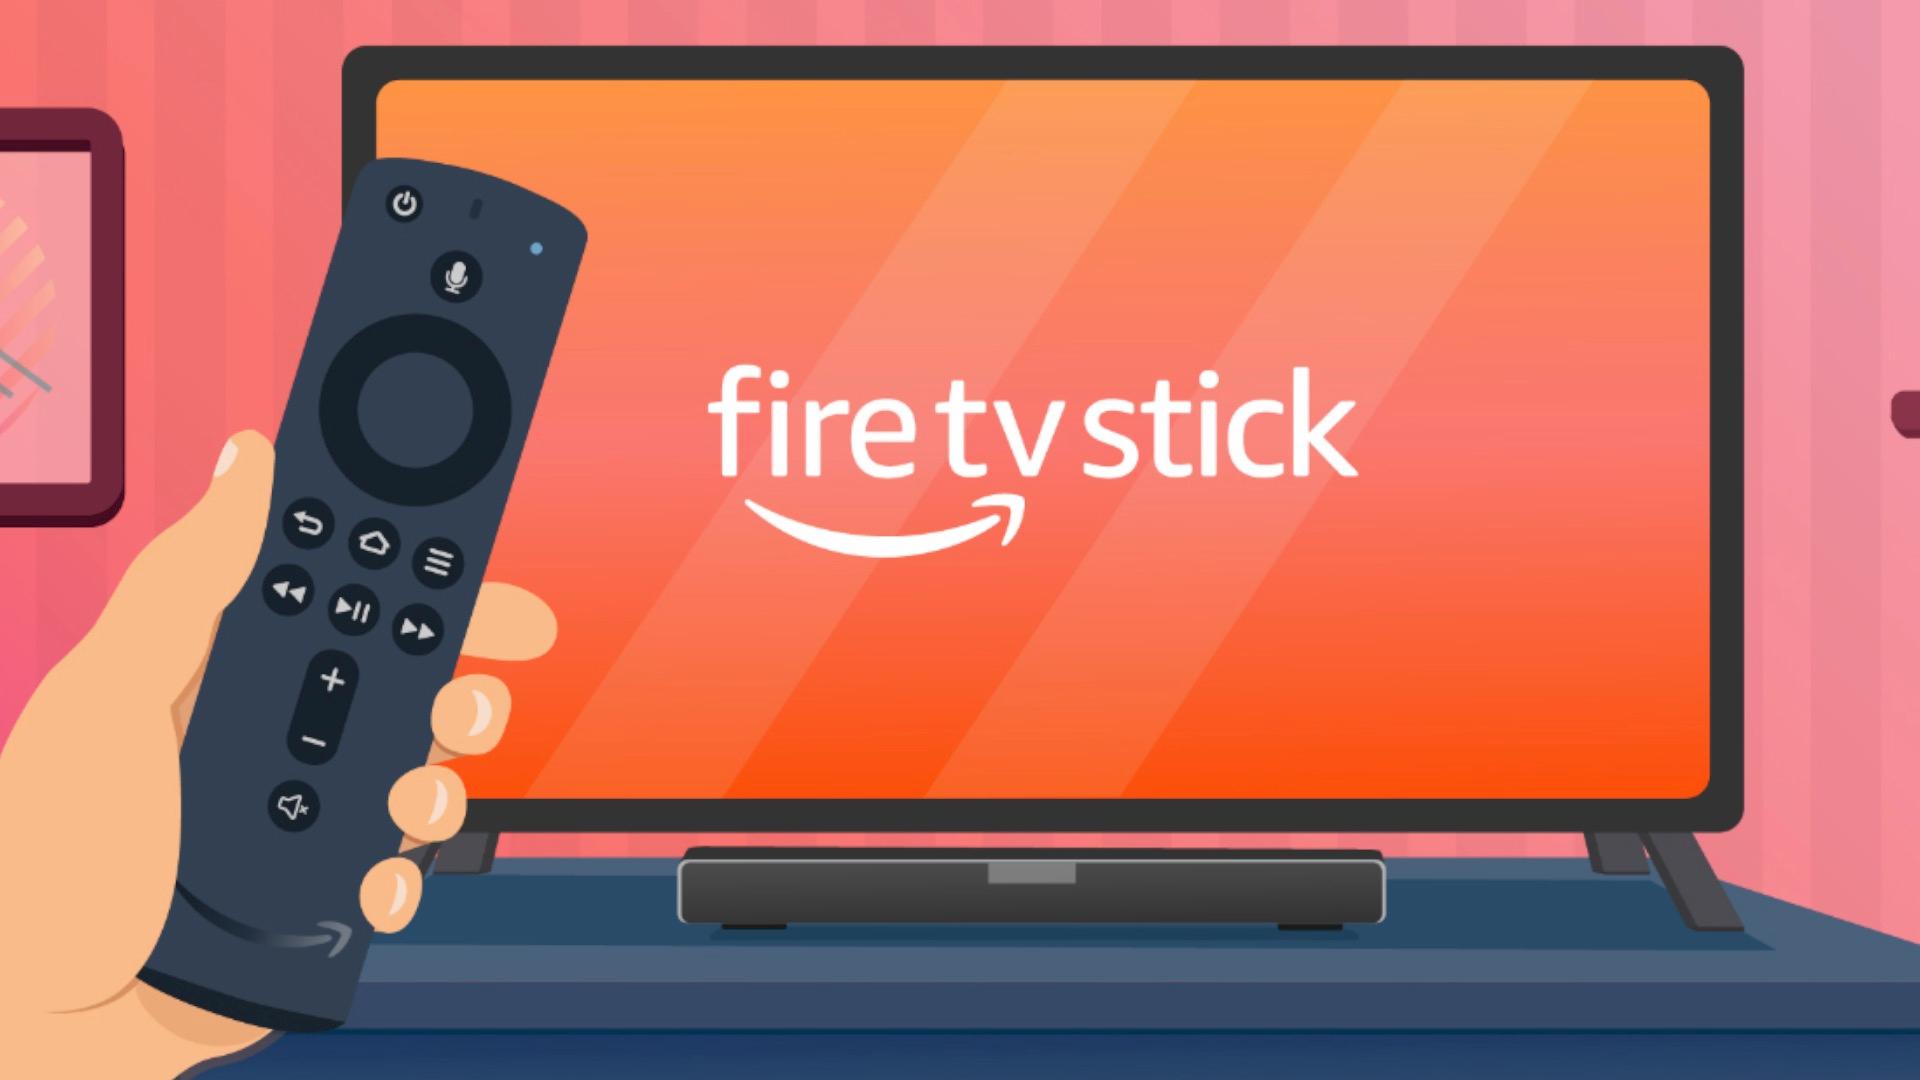 Fire Tv Stick Wallpaper